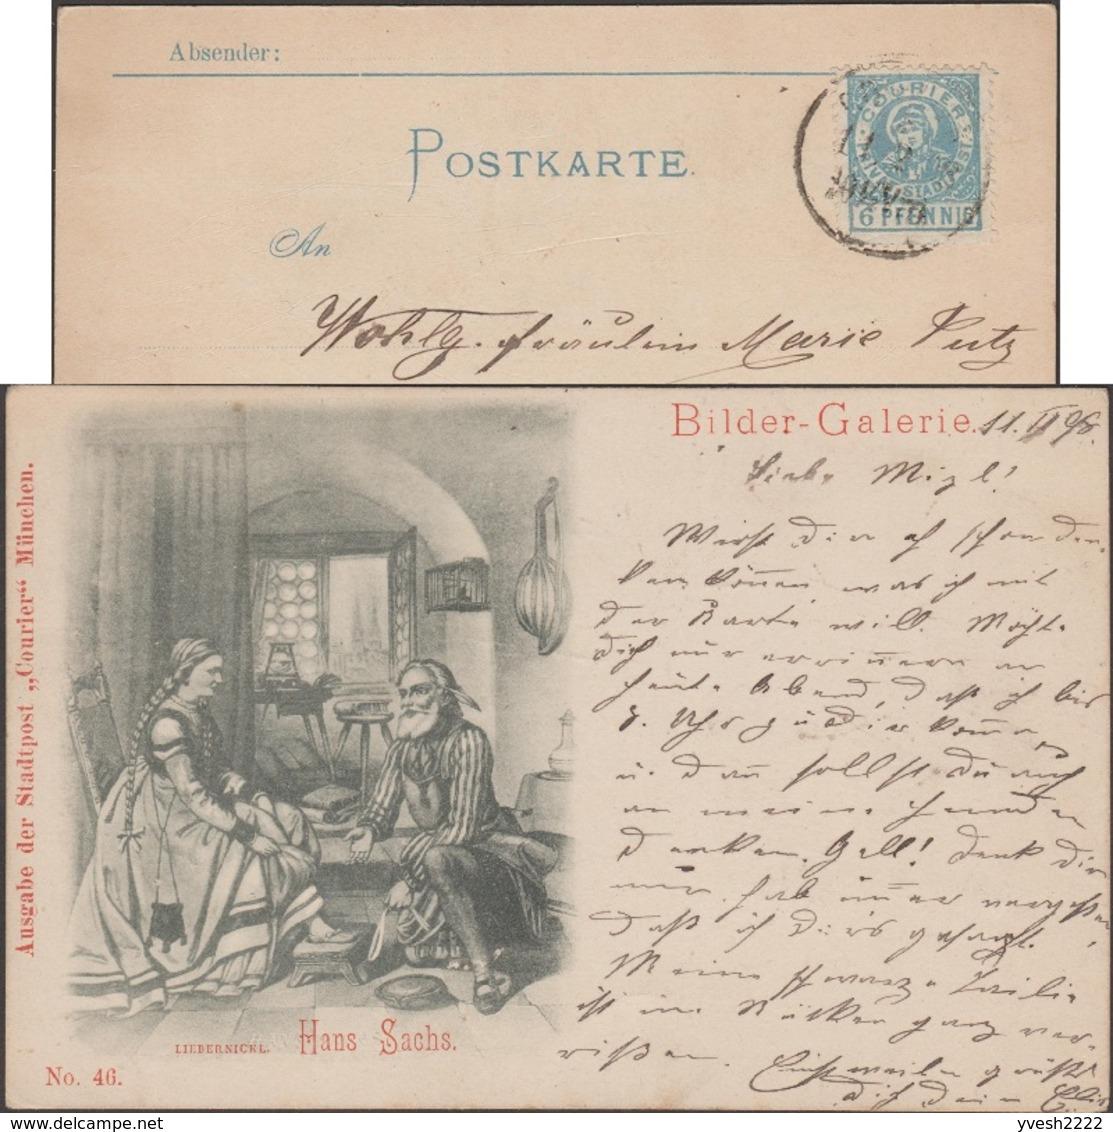 München 1898. Poste Privée Courier De Munich. Hans Sachs, Poète, Apprenti Cordonnier, Jeux De Carnaval, Luth Au Mur Cage - Musique